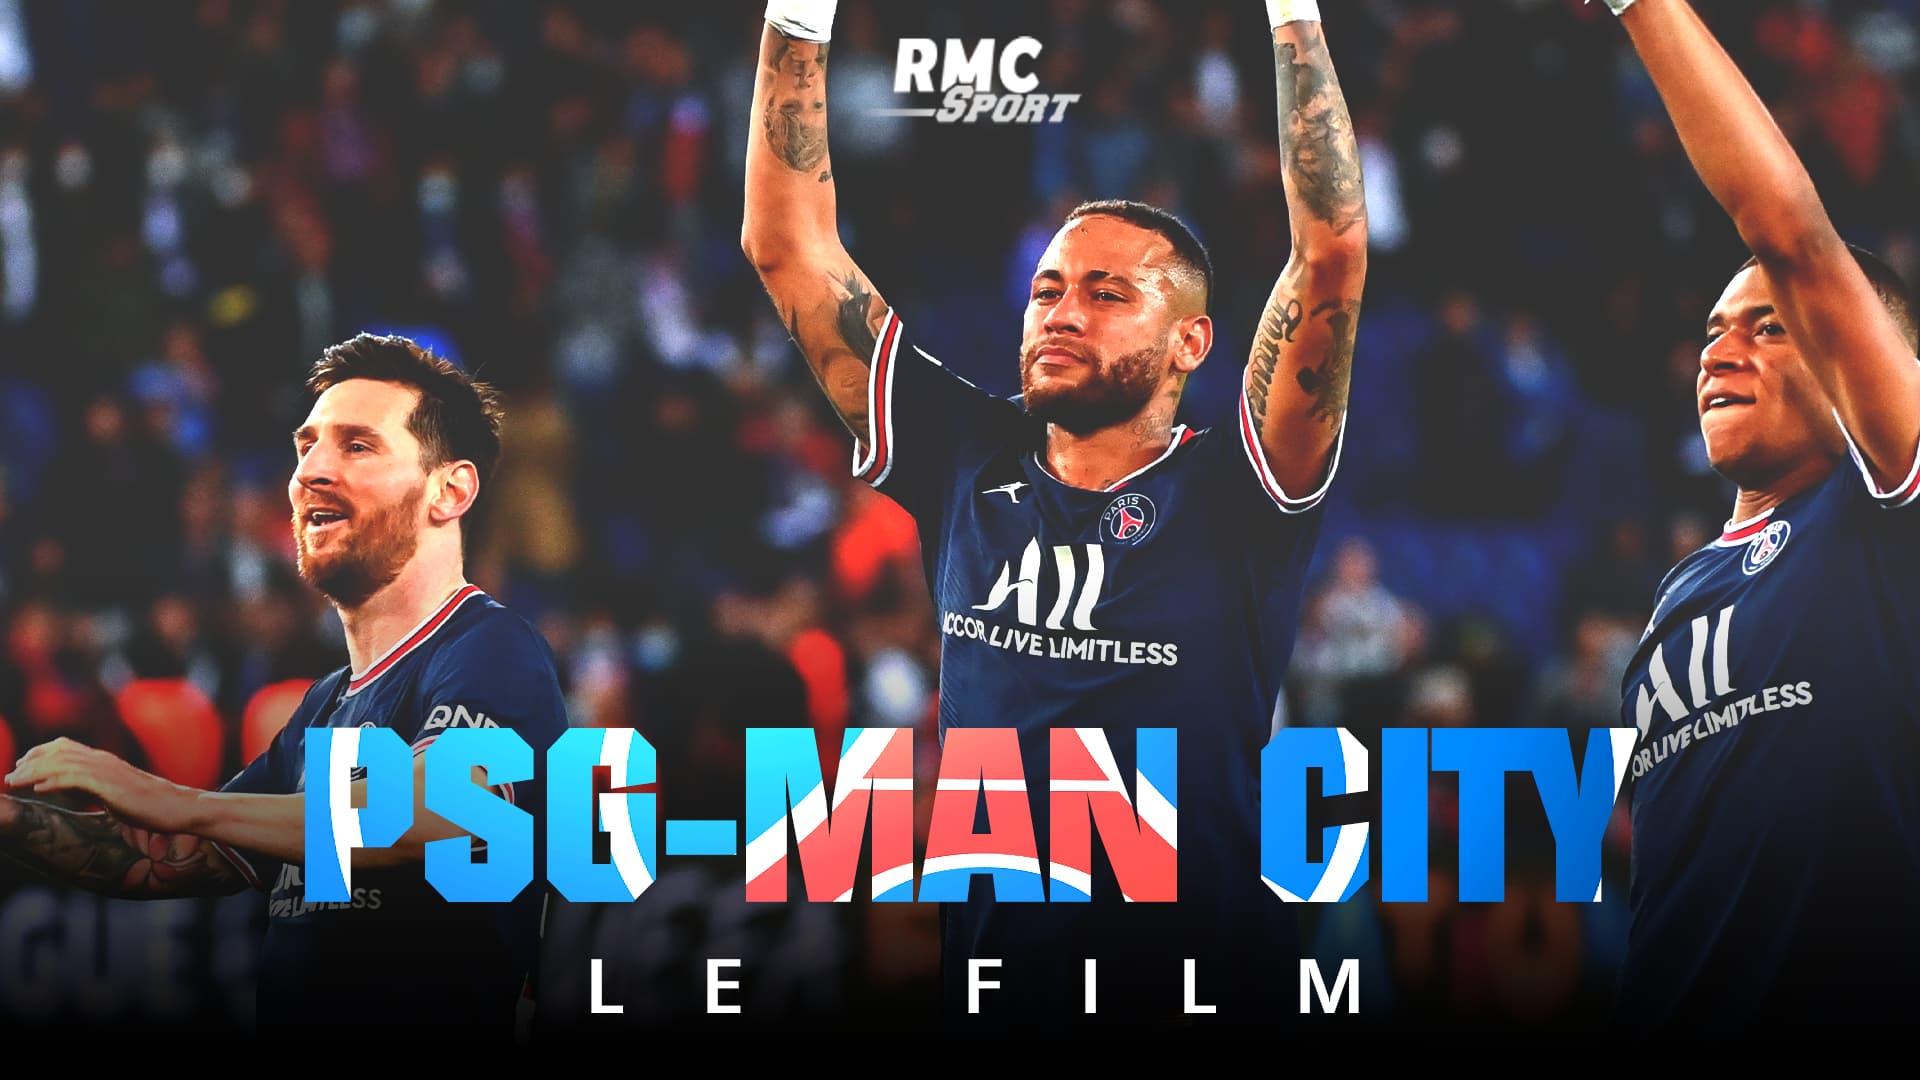 «Le premier but du reste de sa vie»: le film RMC Sport de PSG-Manchester City